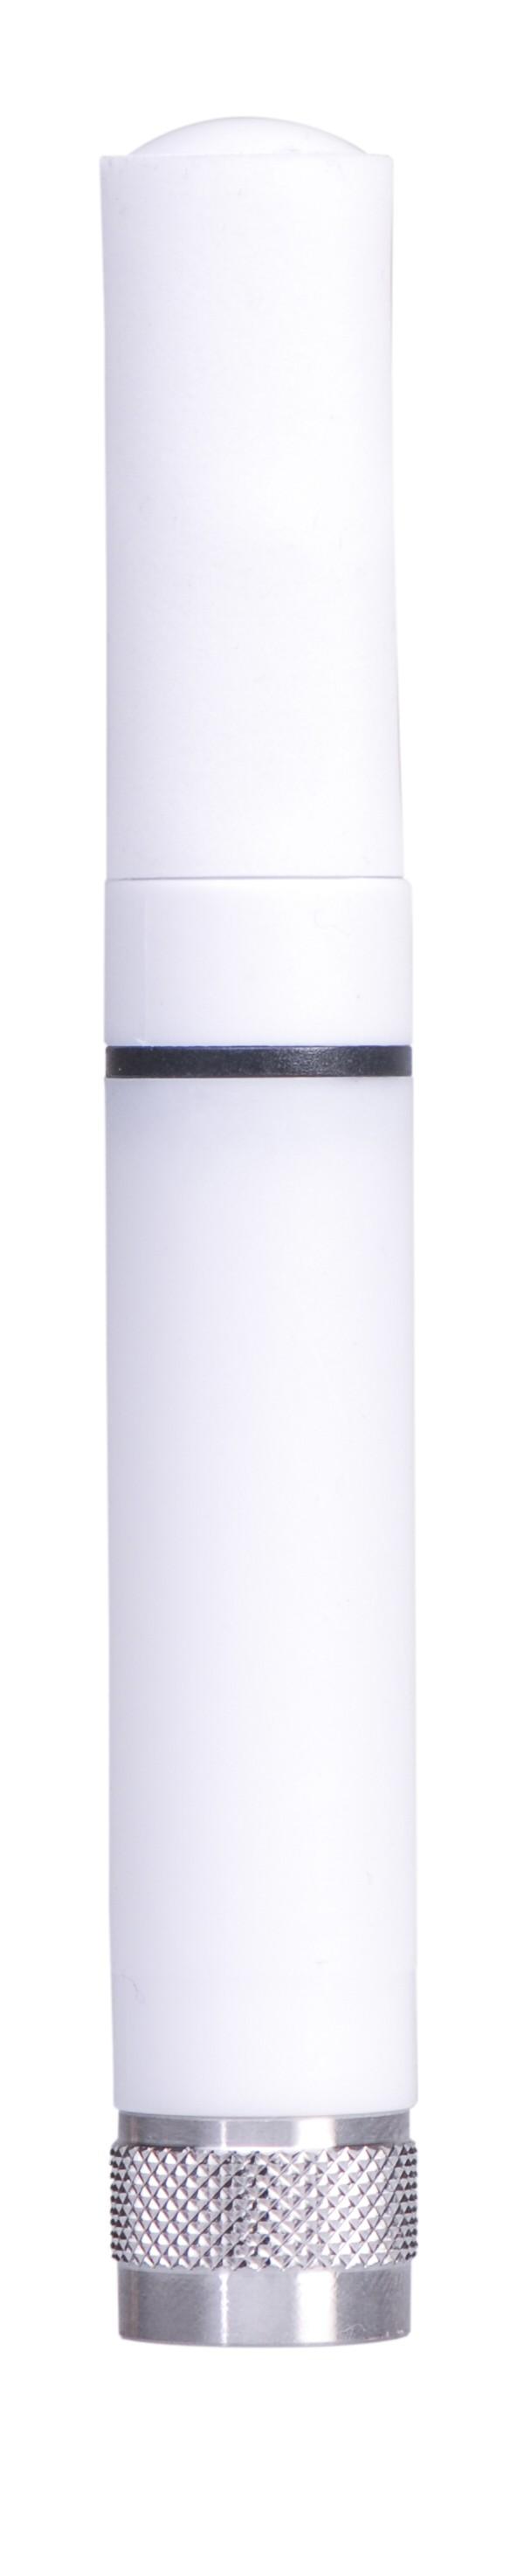 HC2A-S3标准气象探头Rotronic(罗卓尼克)